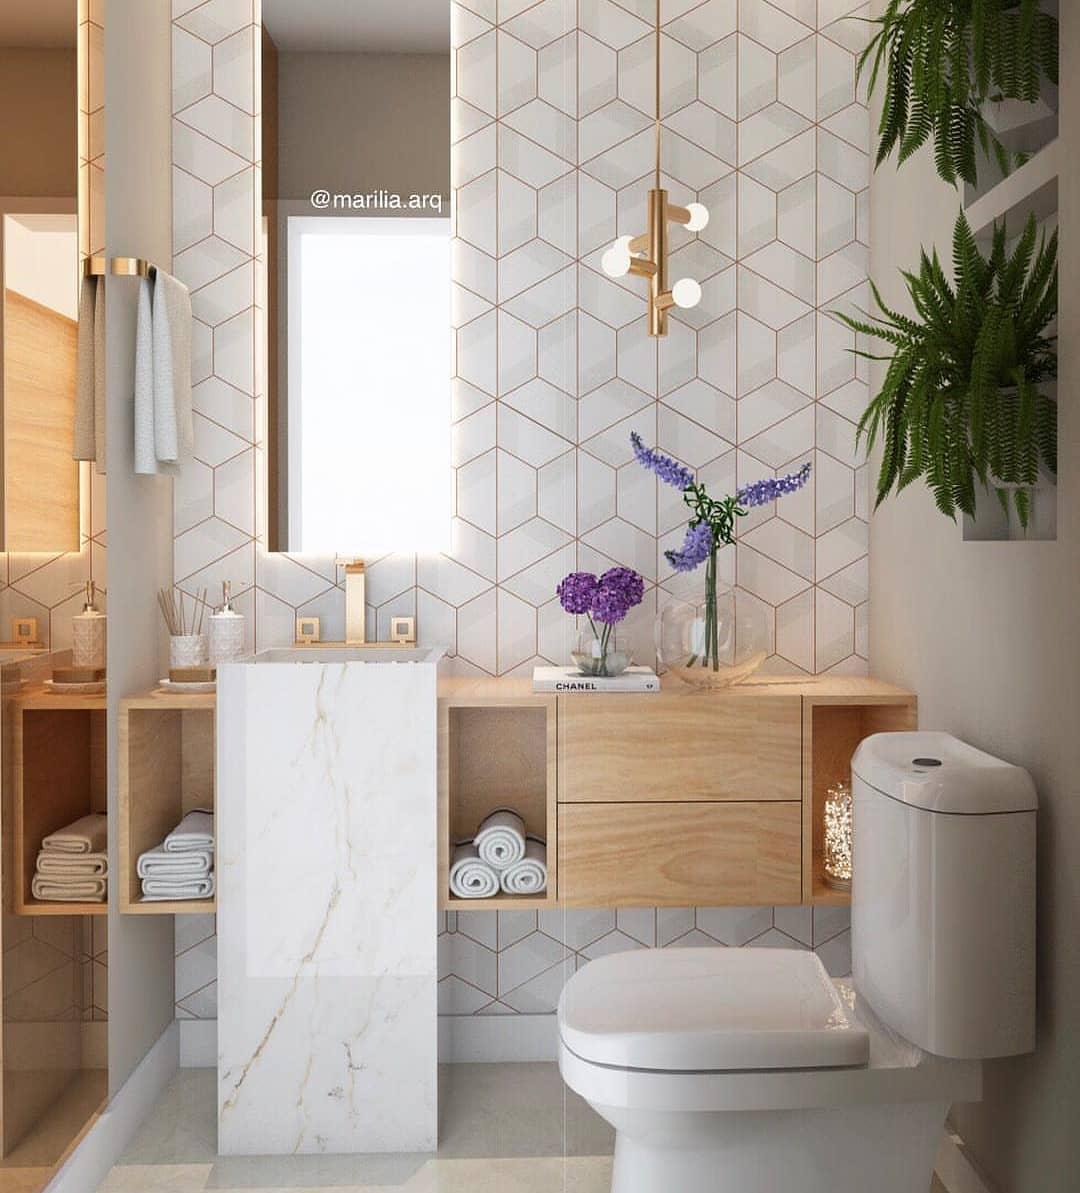 Lavabo Pequeno Medidas Ideais E 60 Projetos E Ideias Bathroom